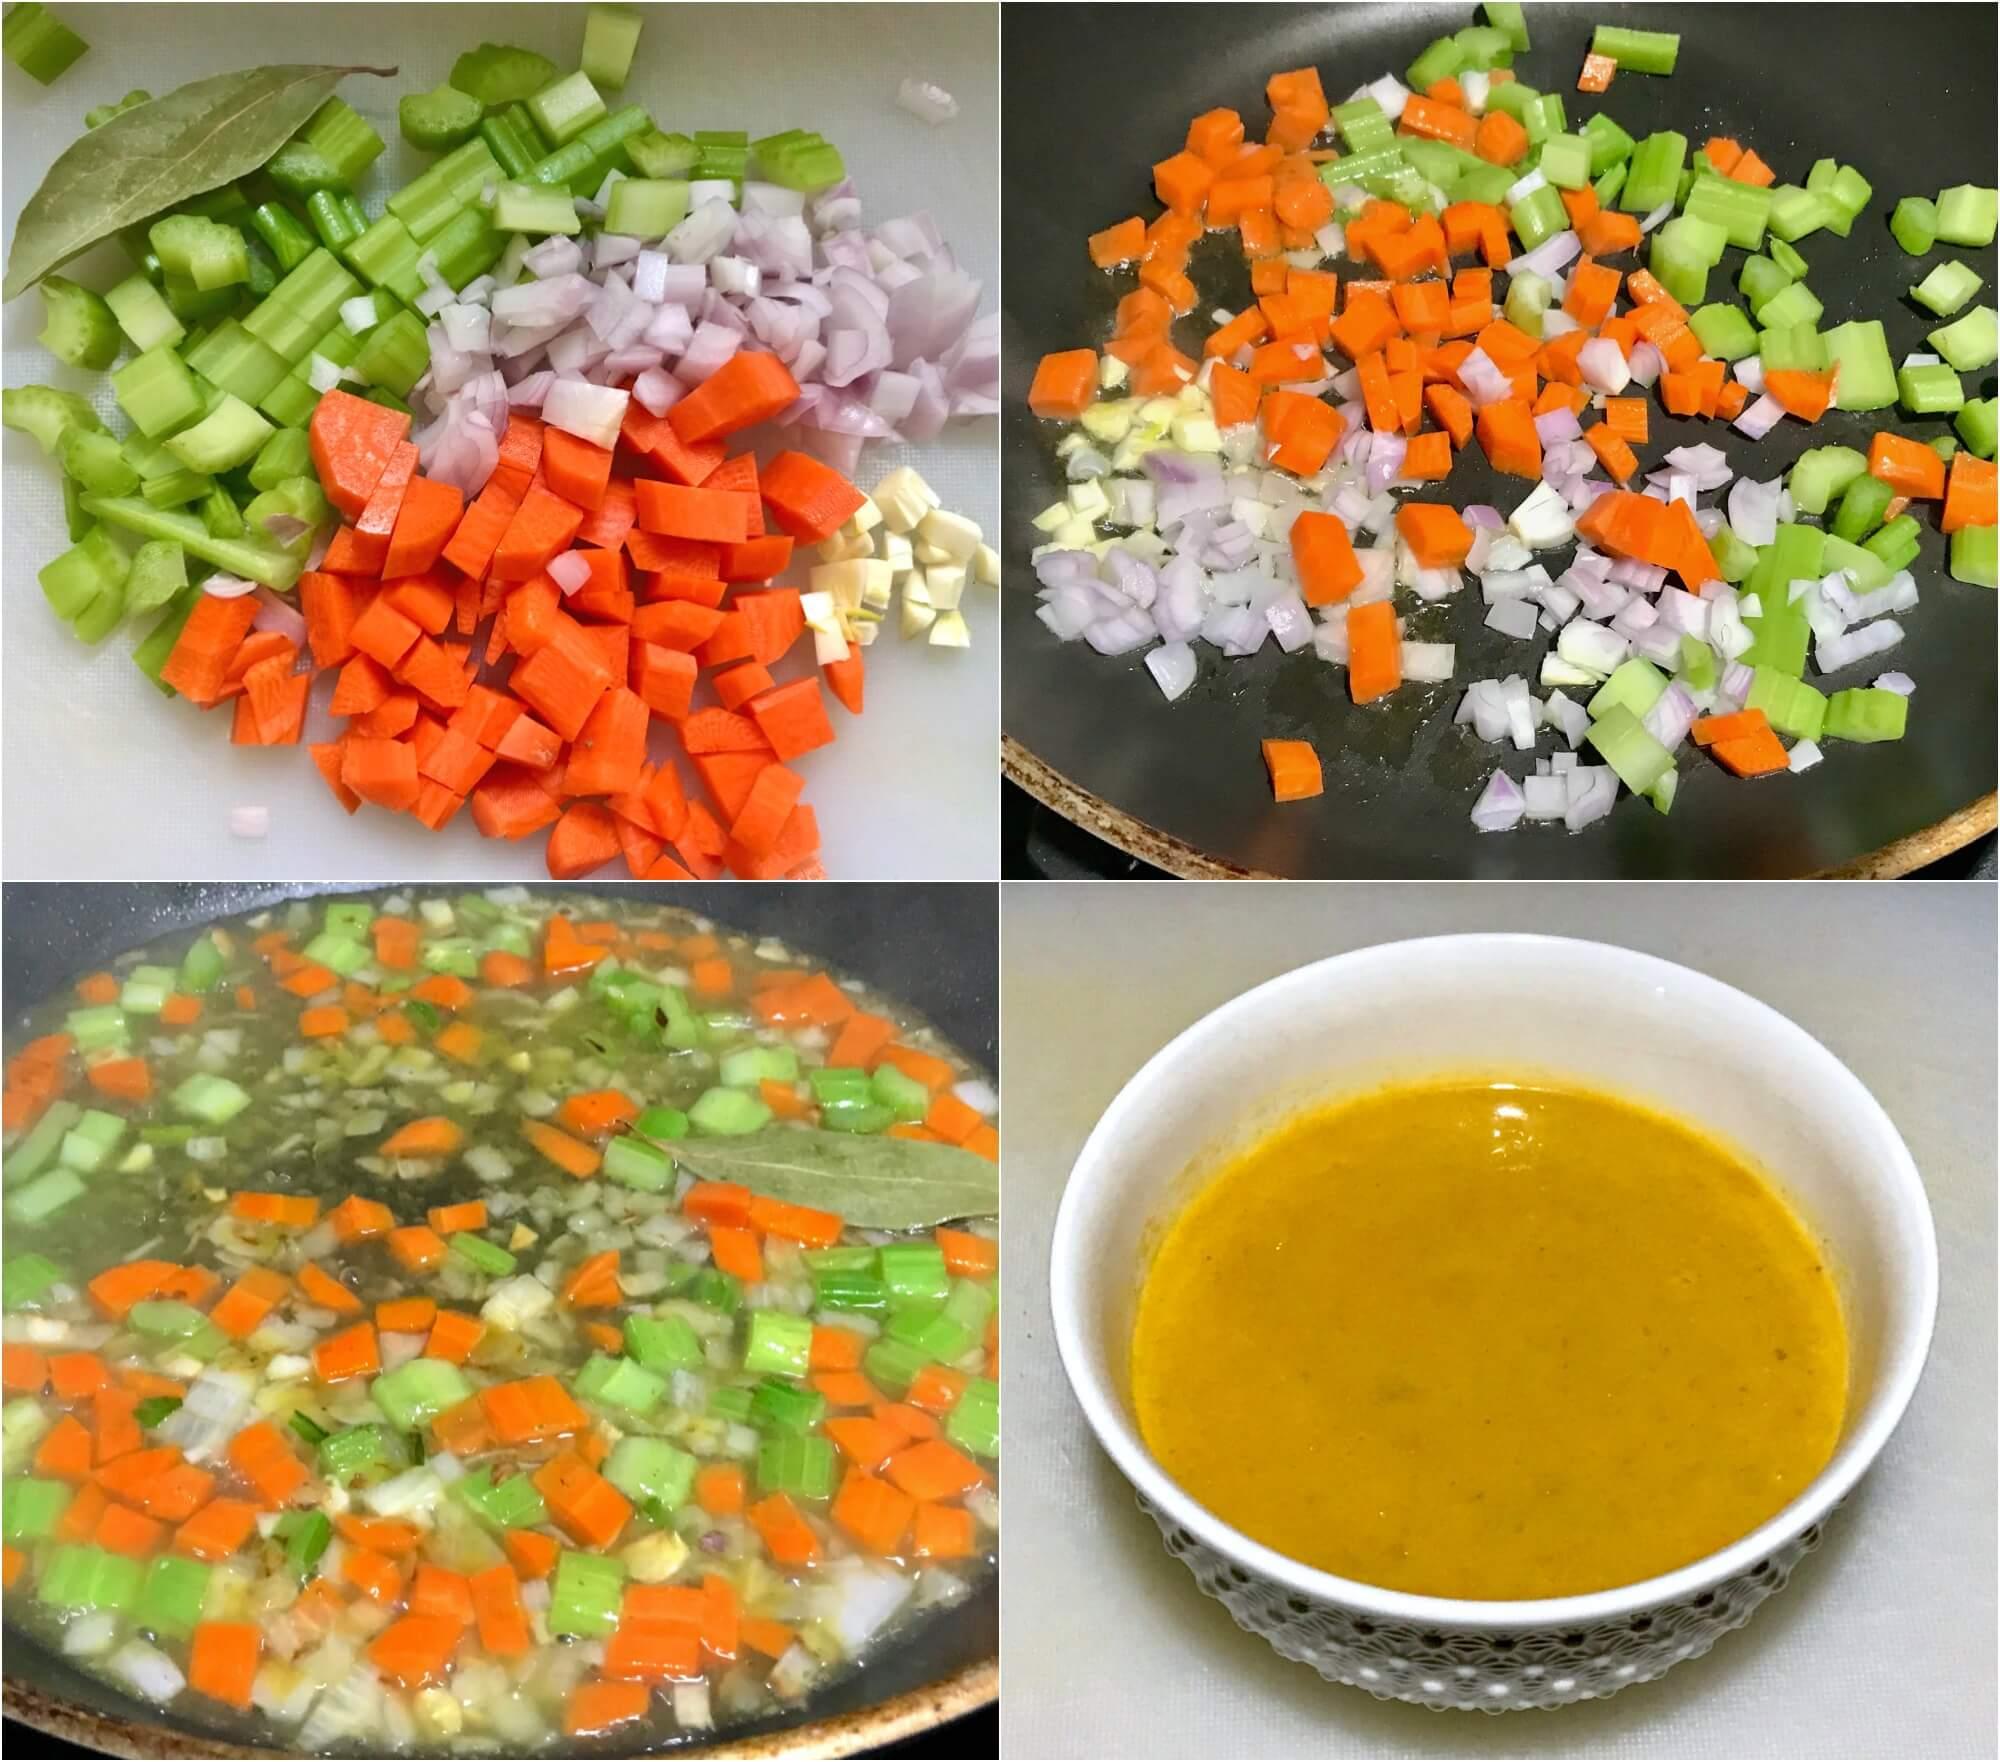 σάλτσα λαχανικών για Timballo λαζάνια με σπανάκι, μανιτάρια, προσούτο & μπεσαμέλ